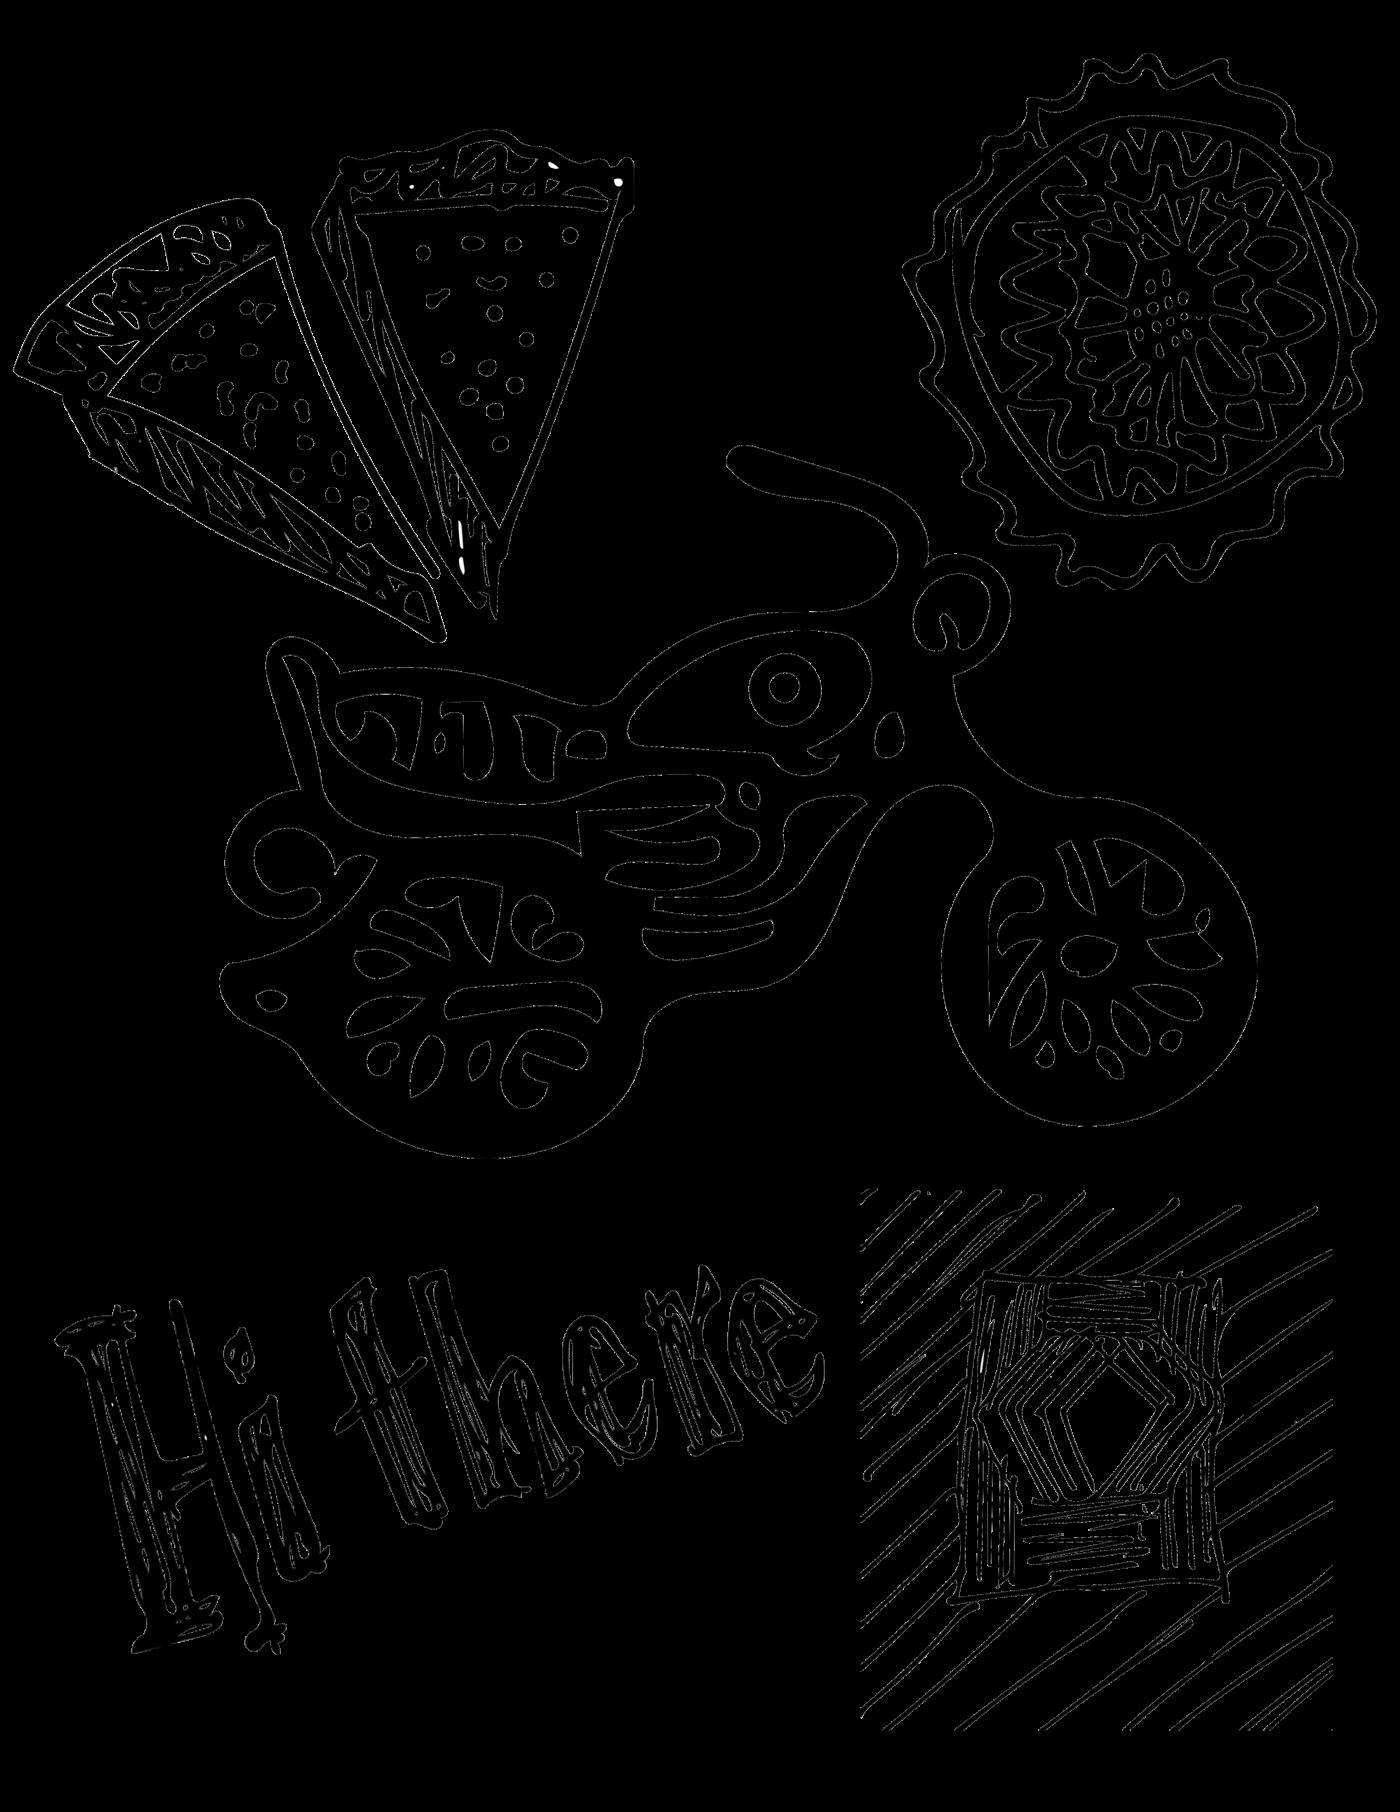 December clipart doodle. Doodles free clip art